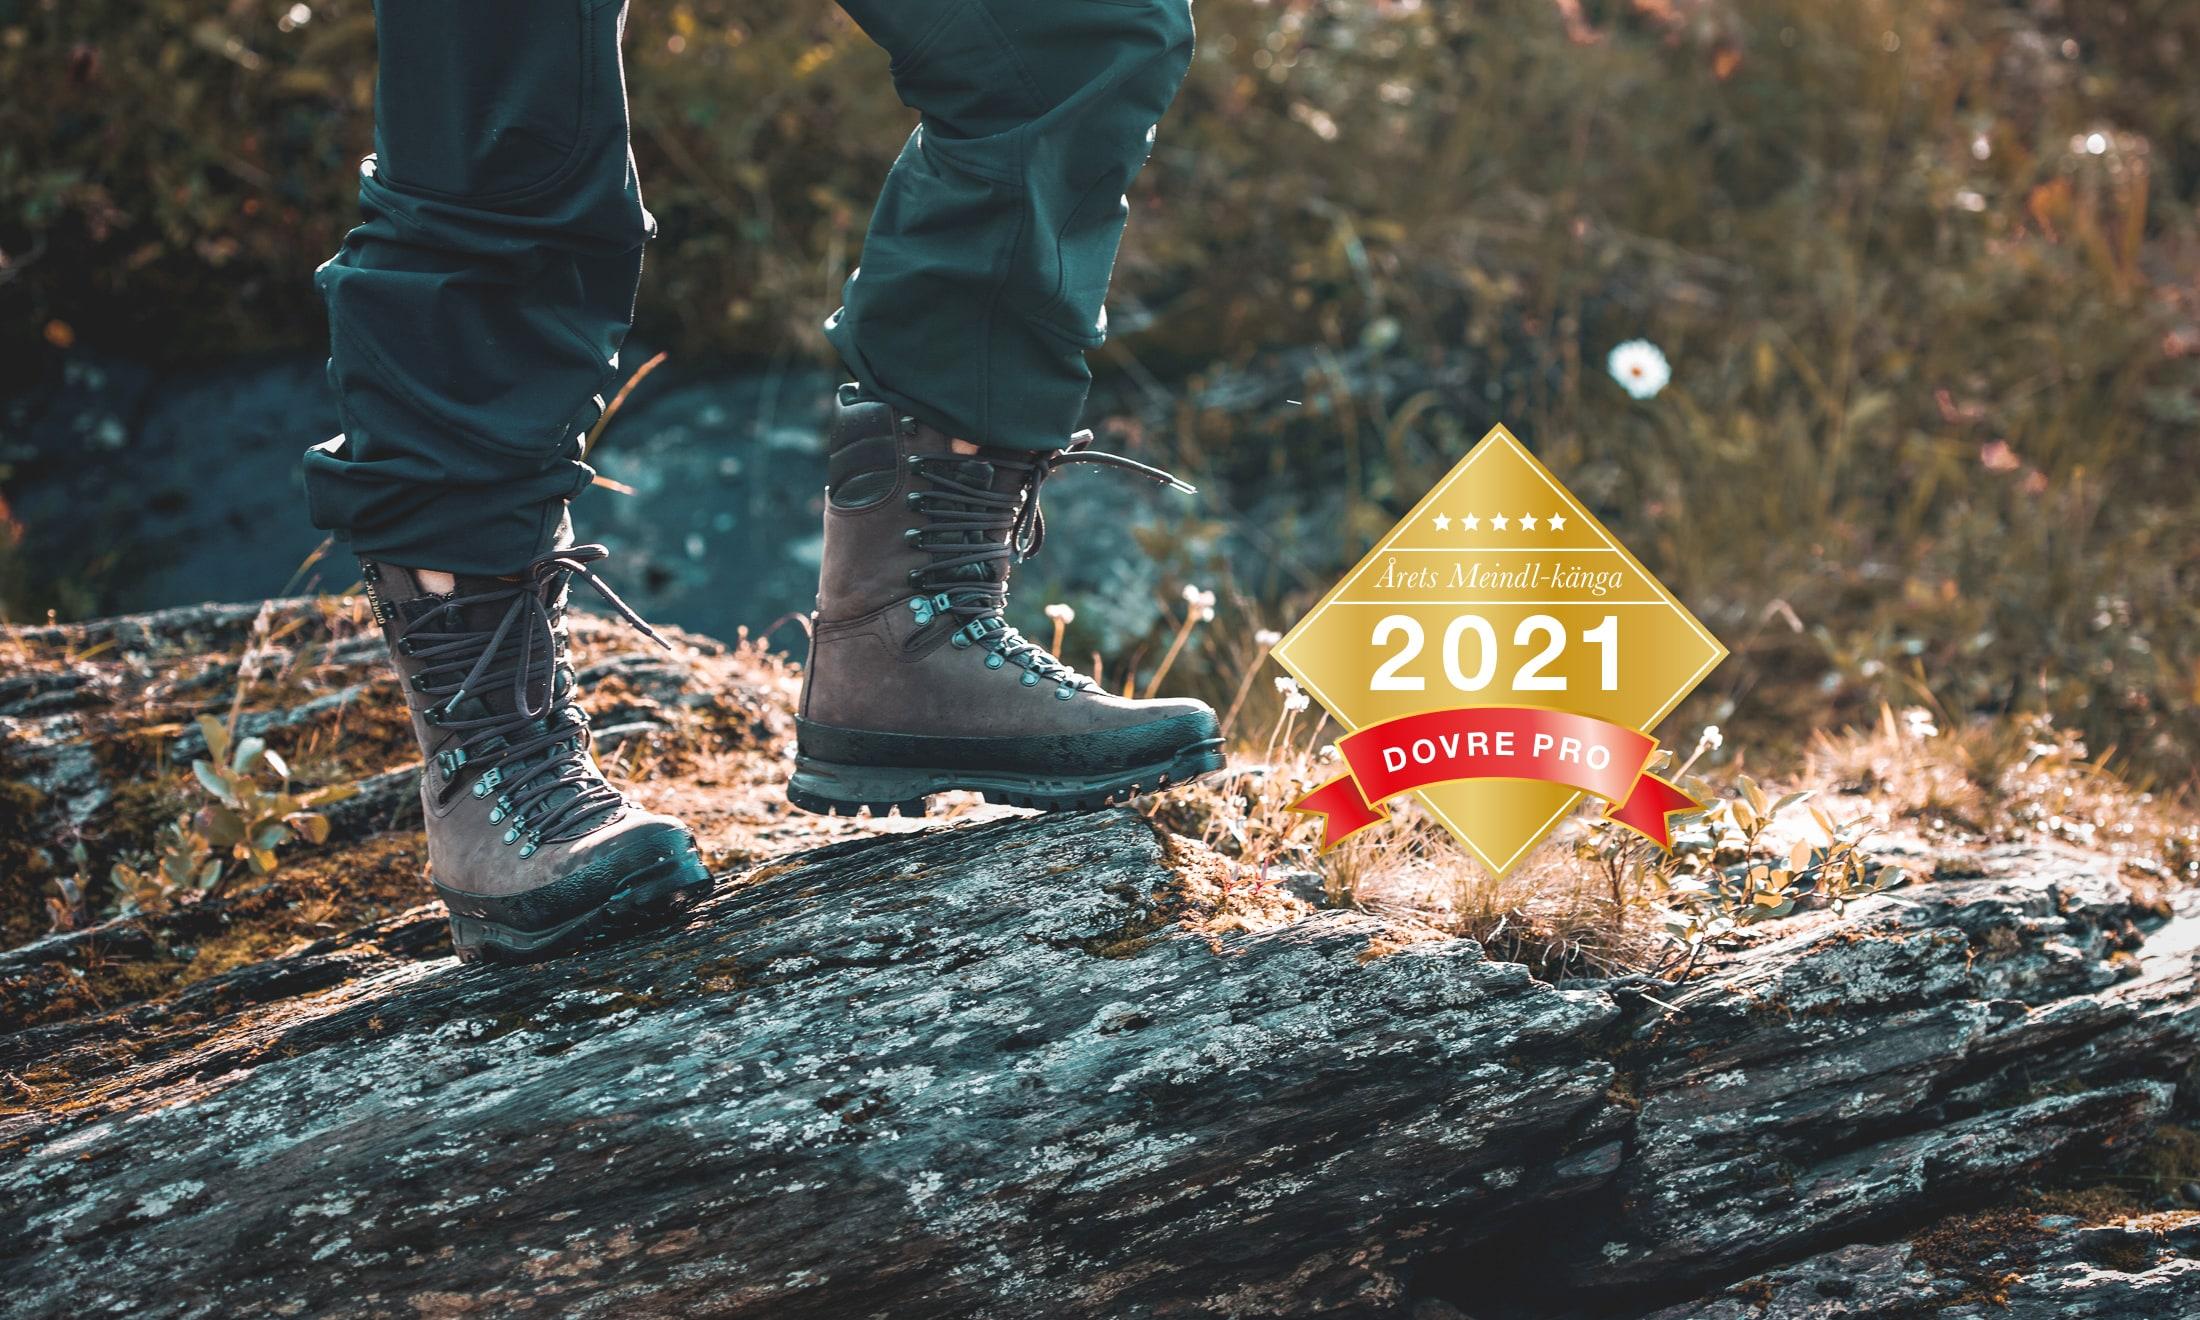 Årets känga 2021